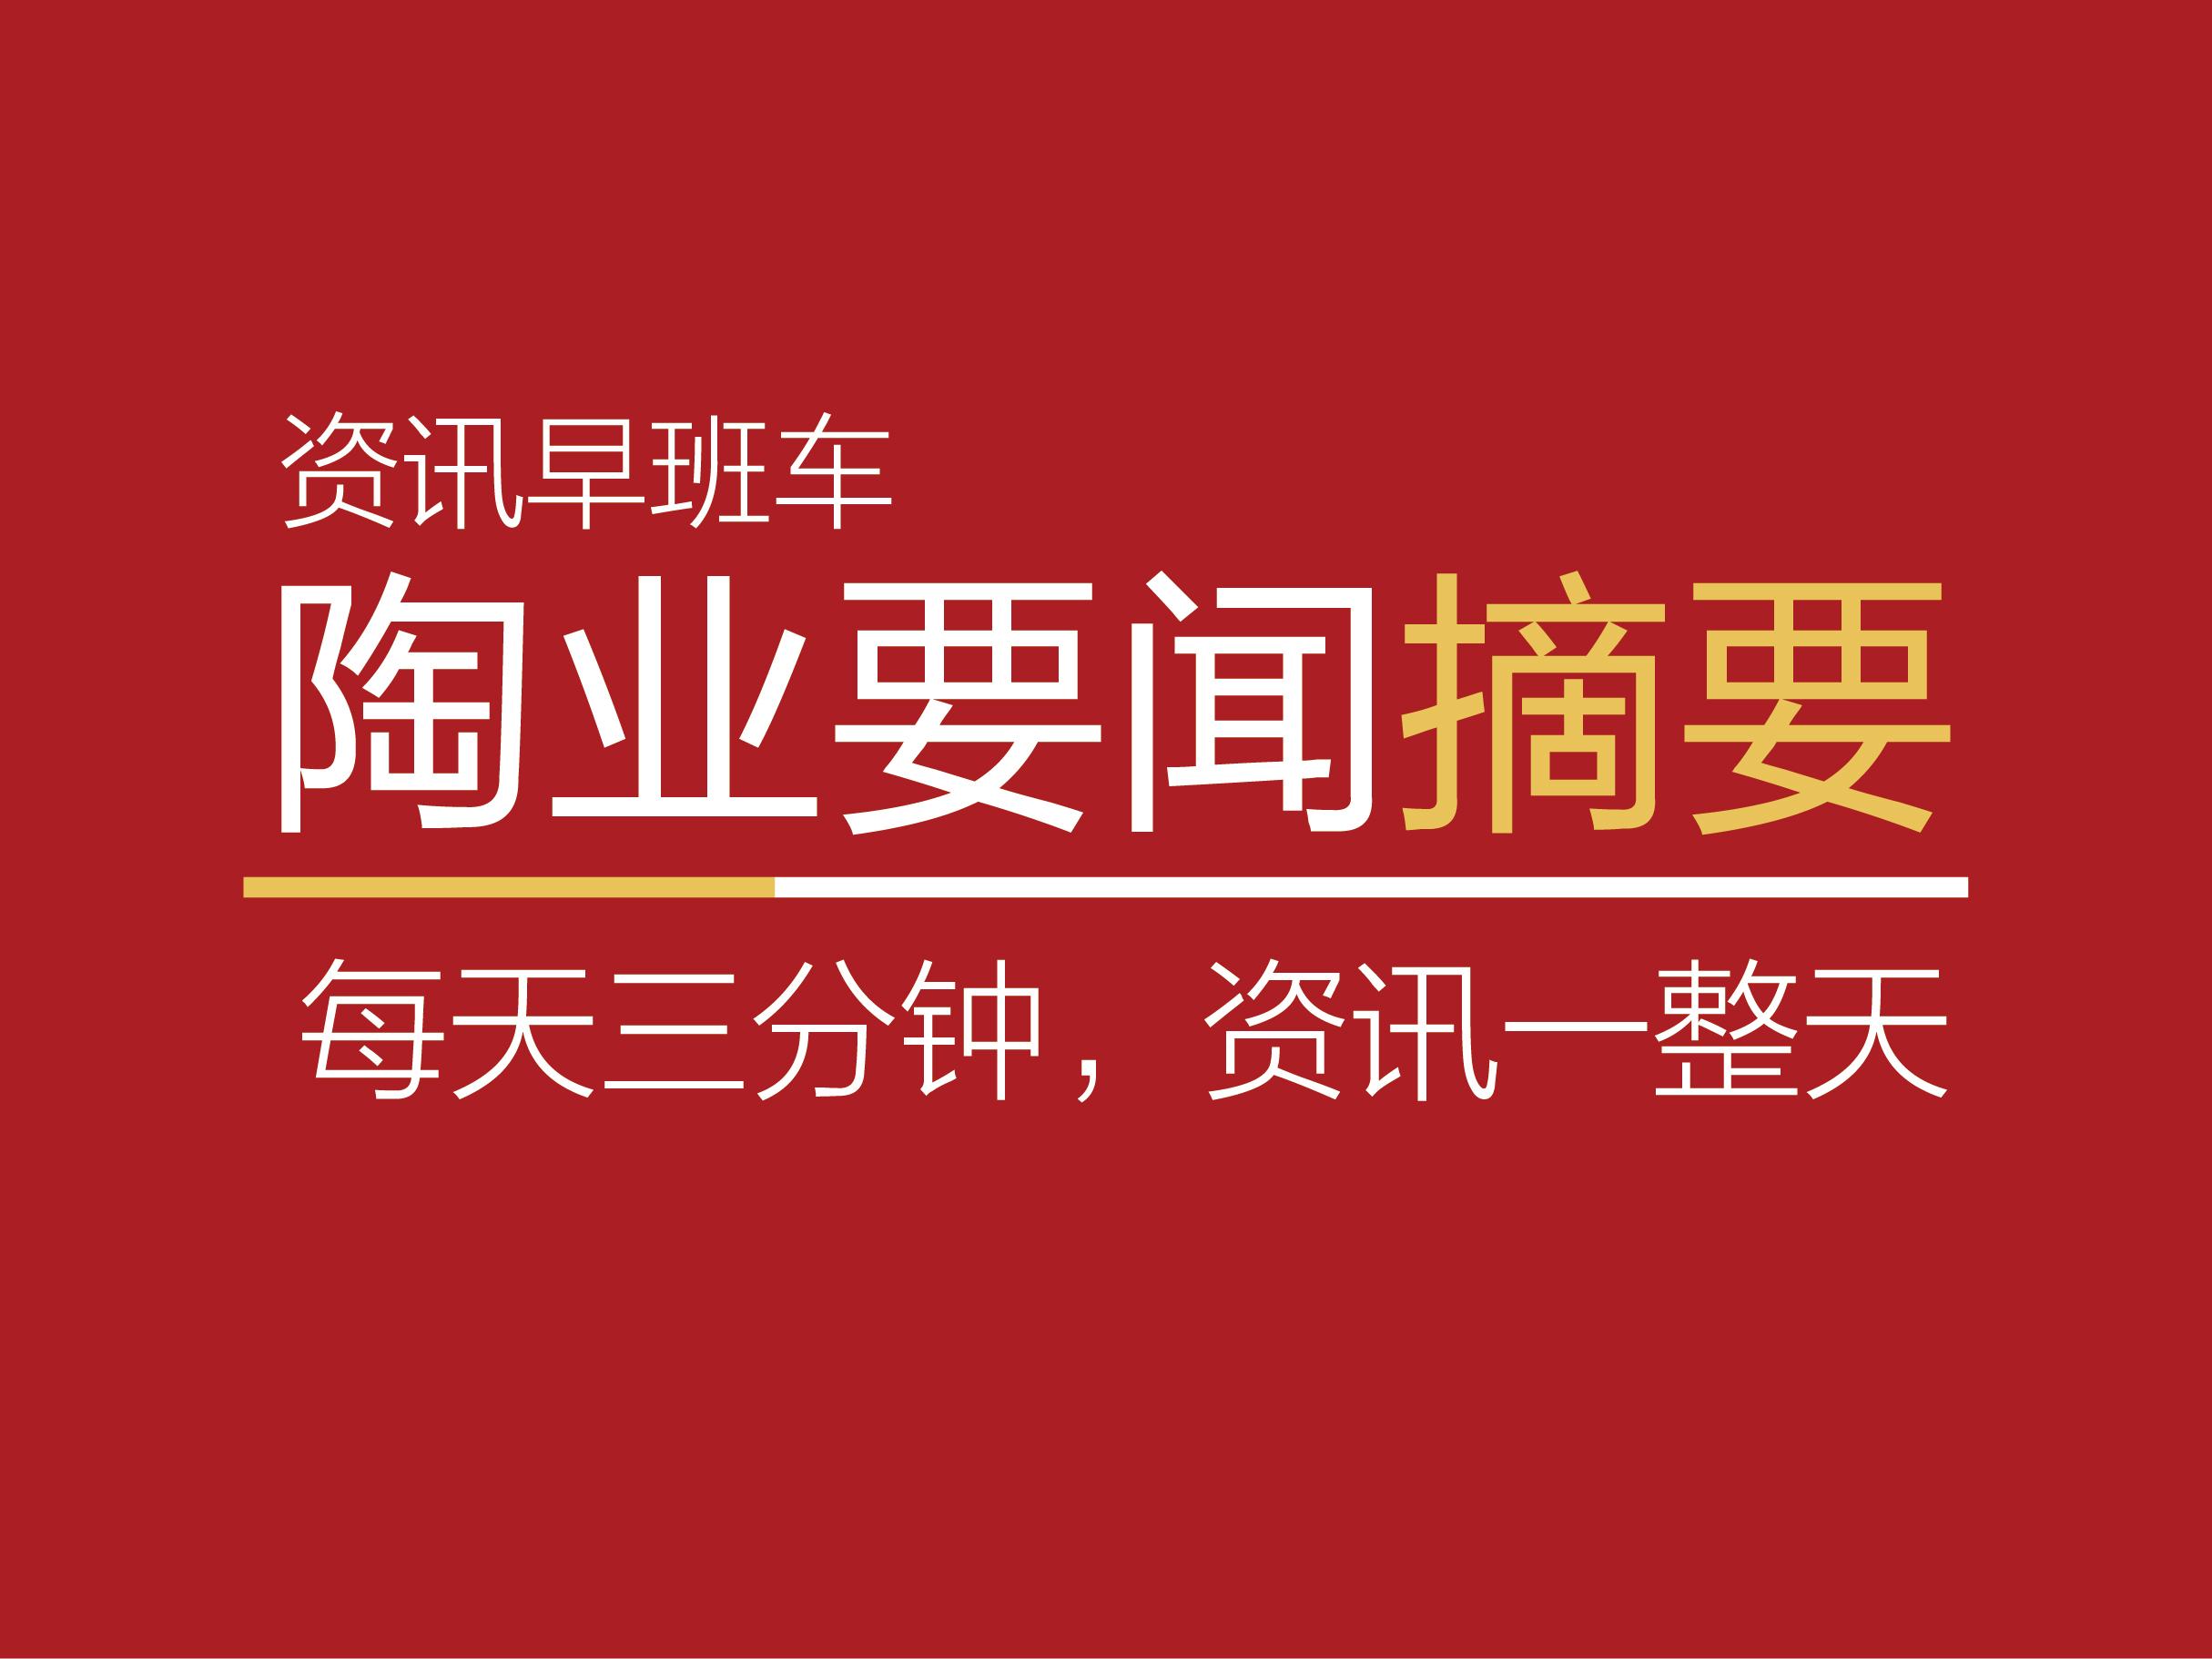 【陶业要闻摘要】2017年10月30日(第124期)